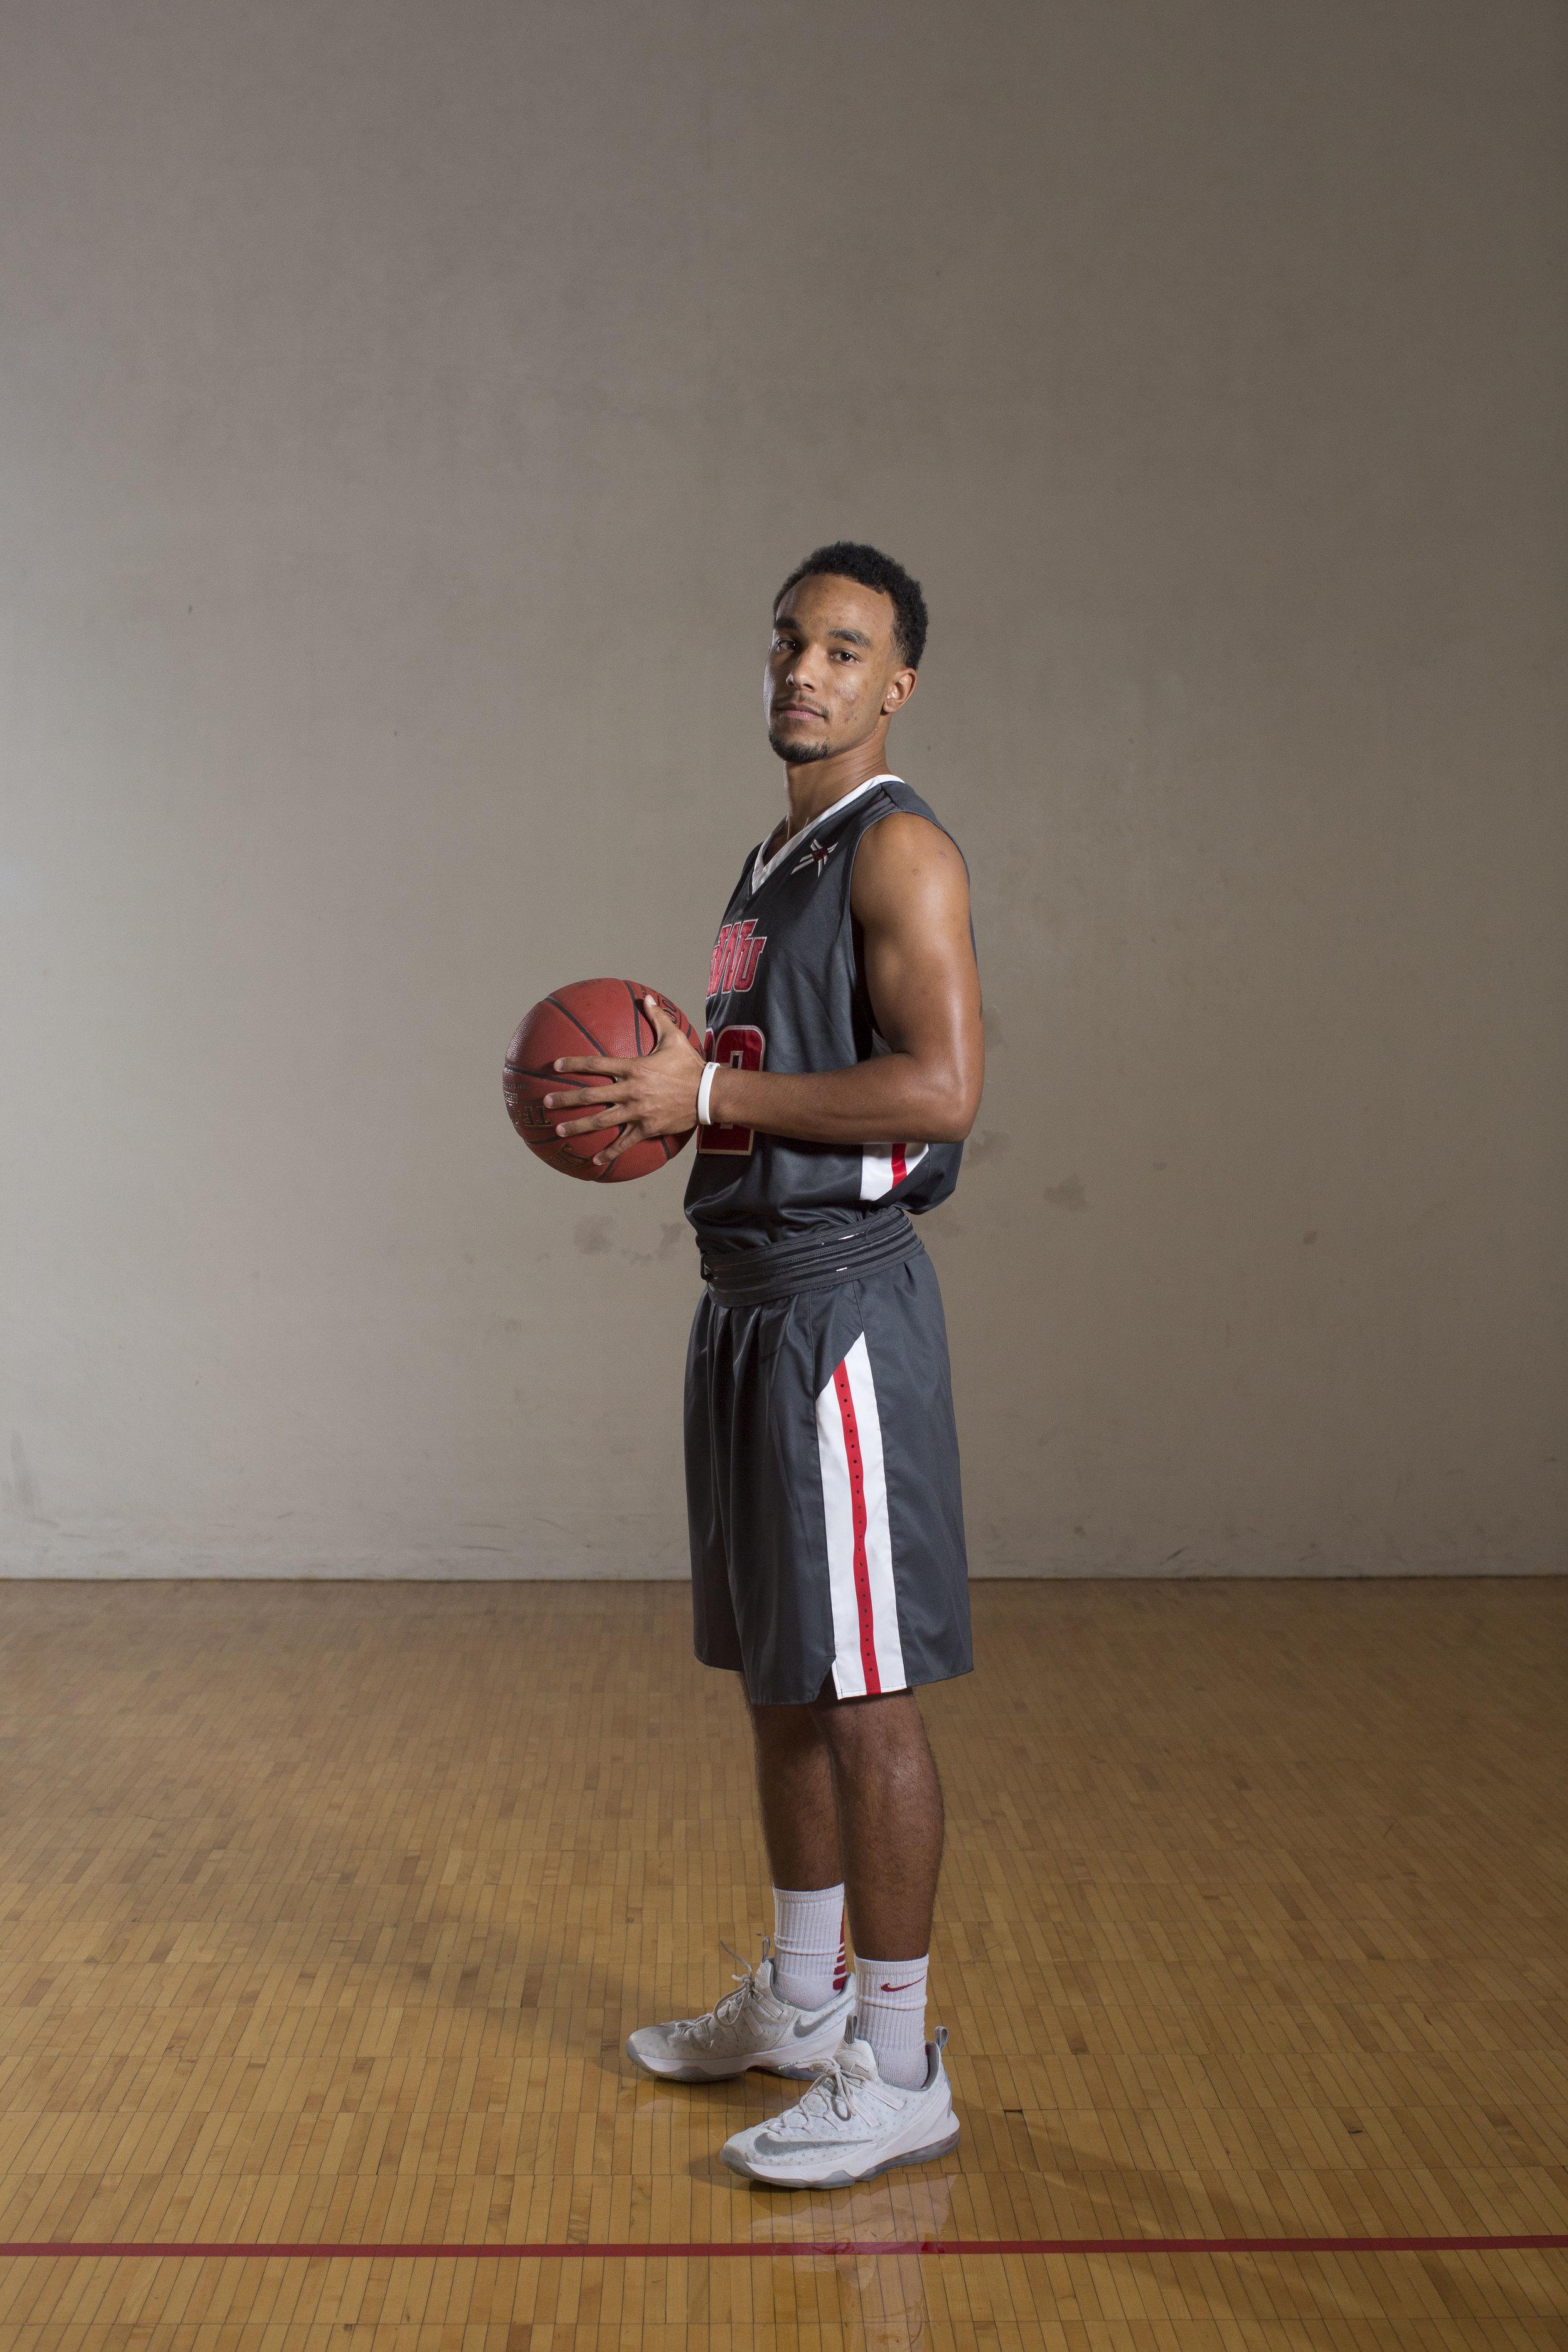 Men's Basketball_63.jpg